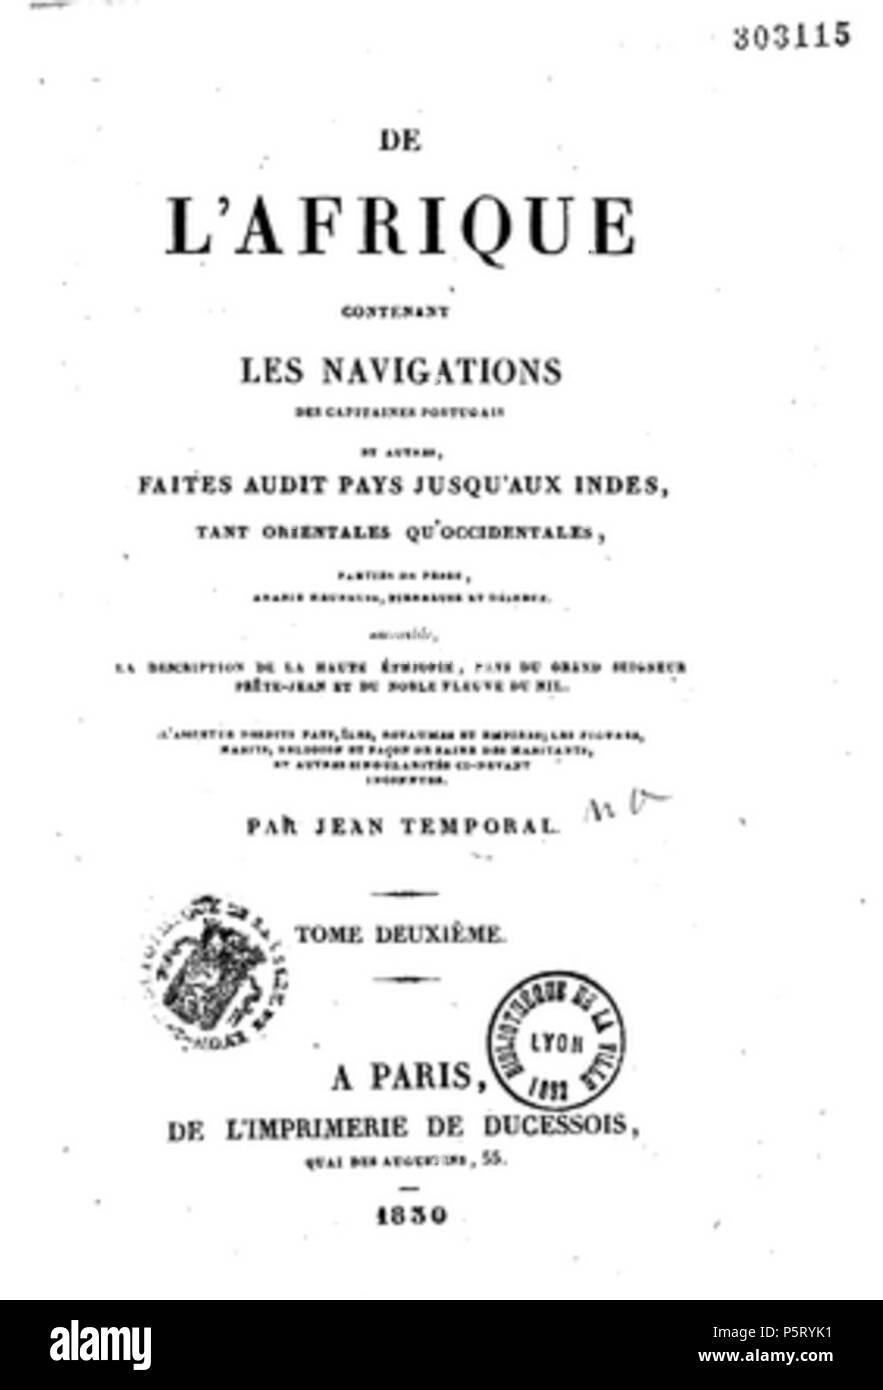 421 De l'Afrique, contenant les navigations des capitaines portugais - Stock Image